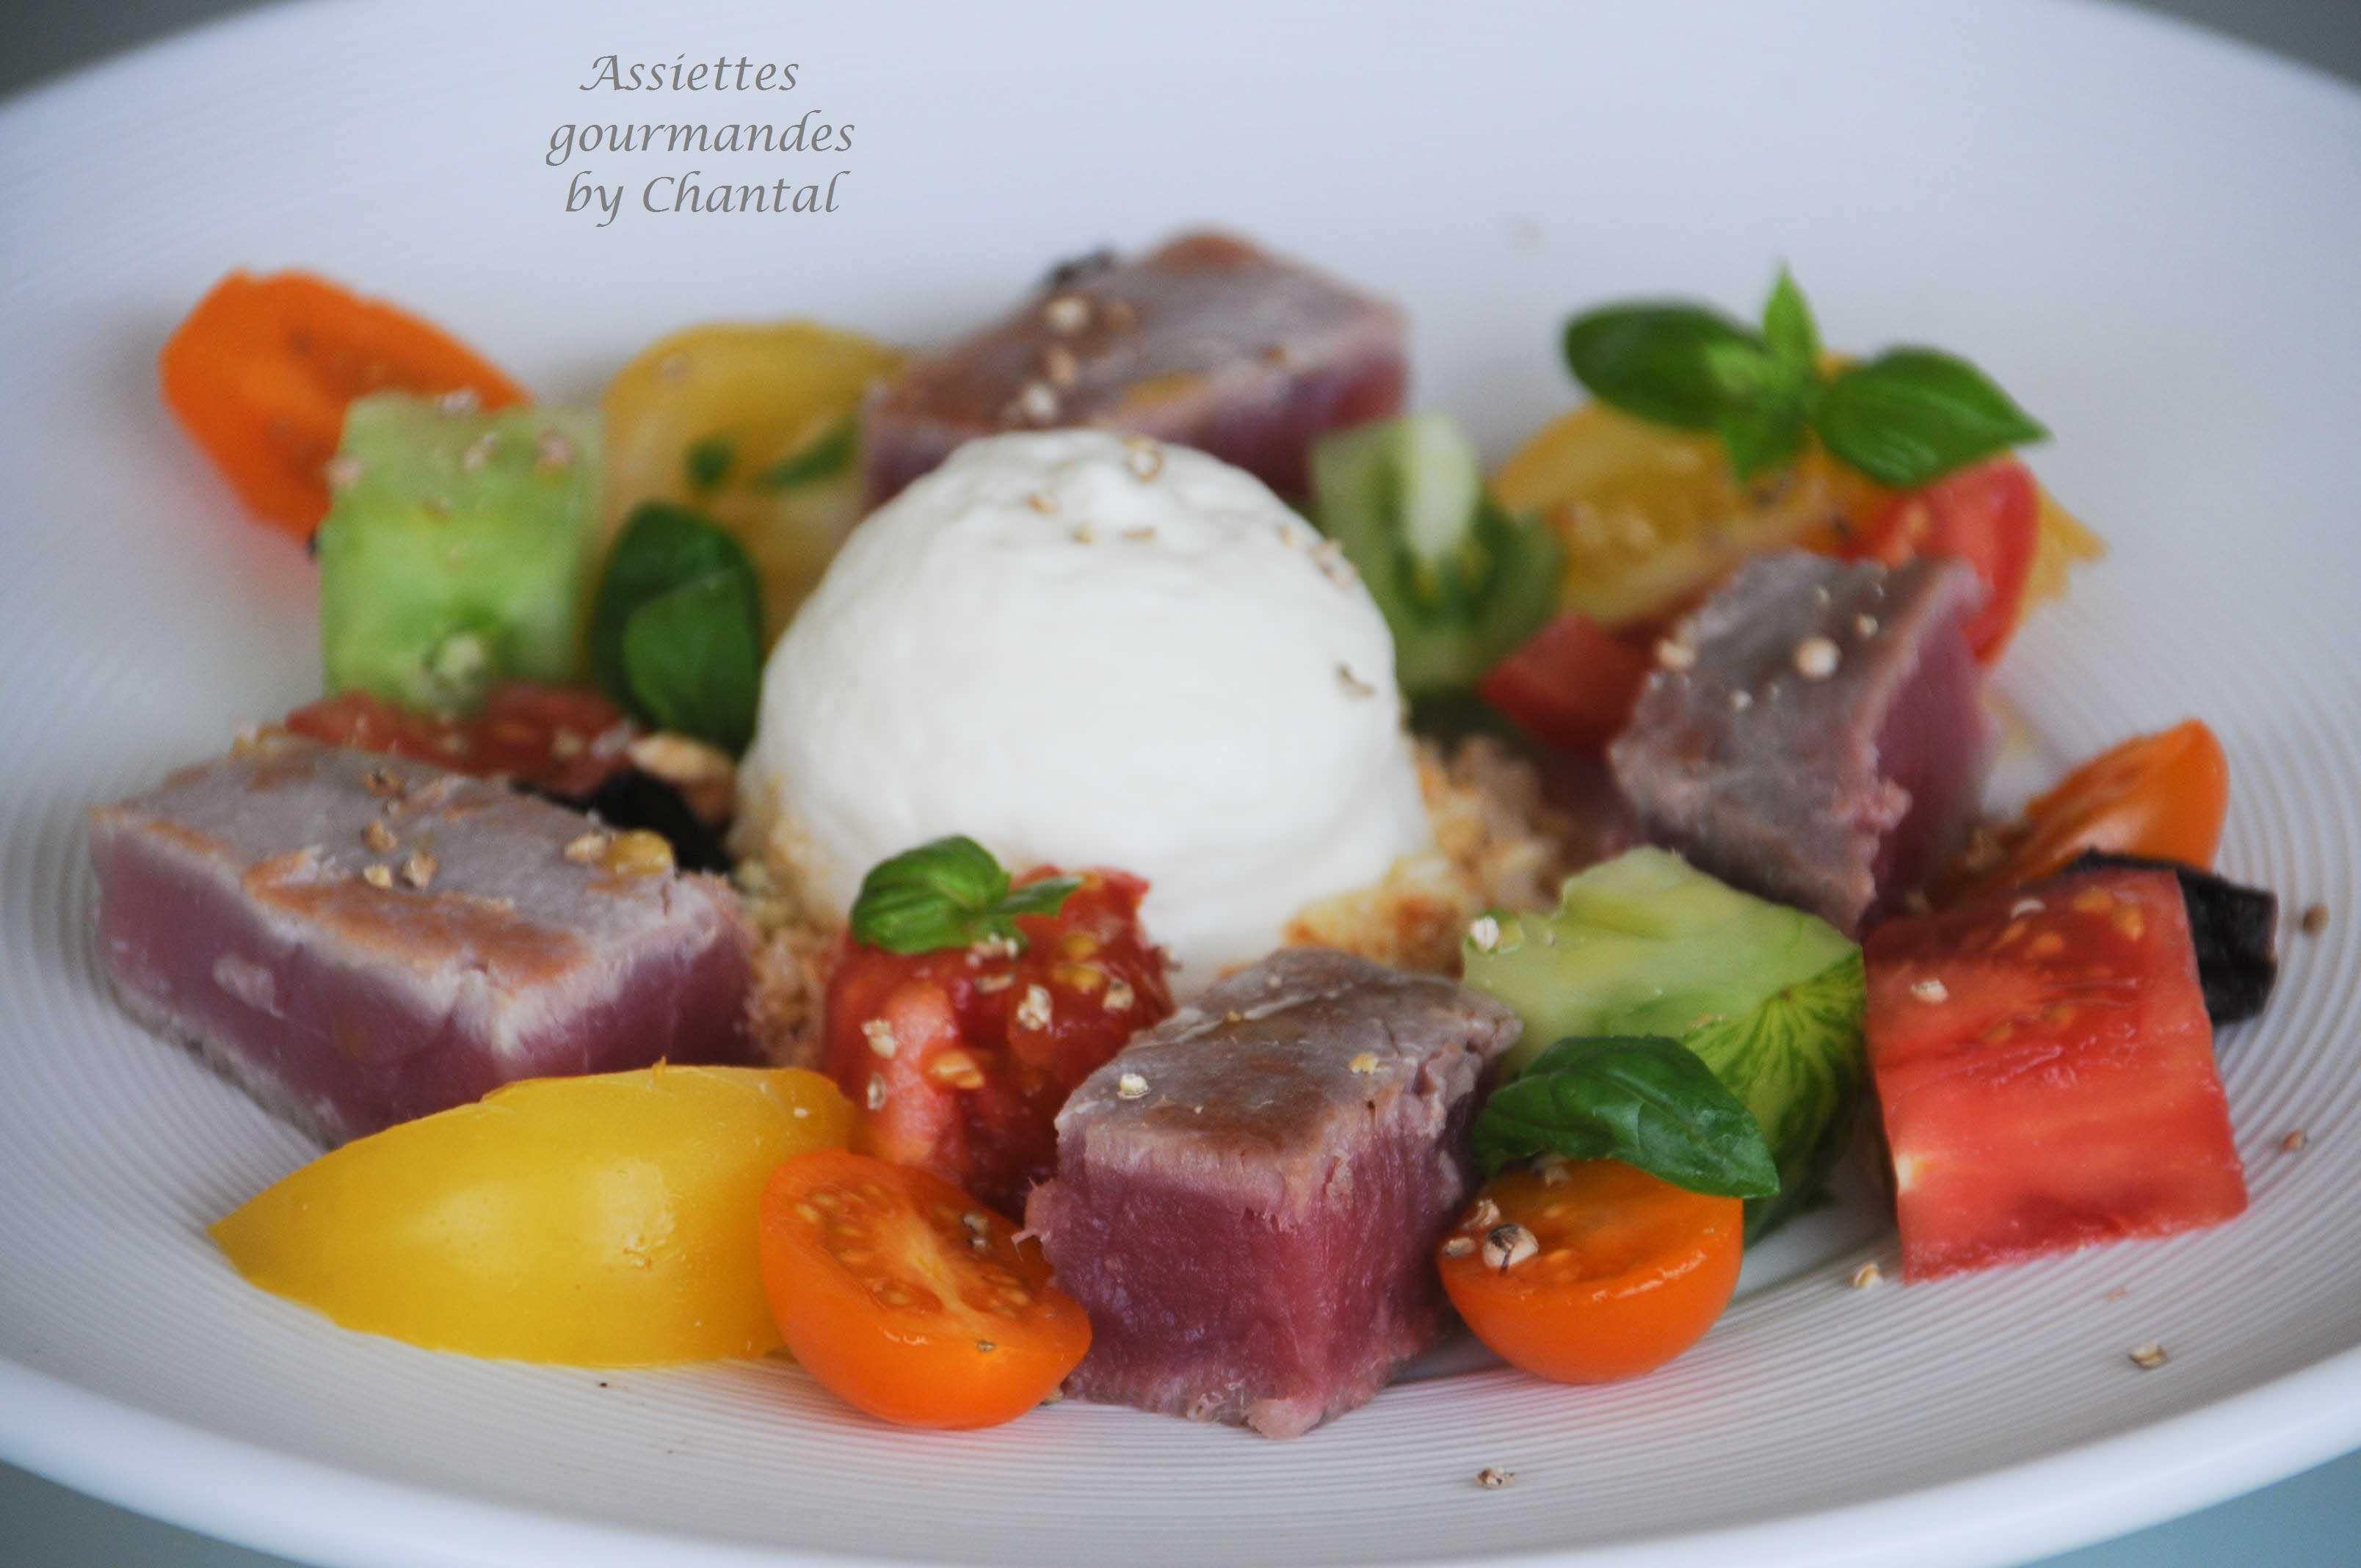 Mousse de Burrata [ Mozzarella], Thon, crumble parmesan noisette et salade de tomates